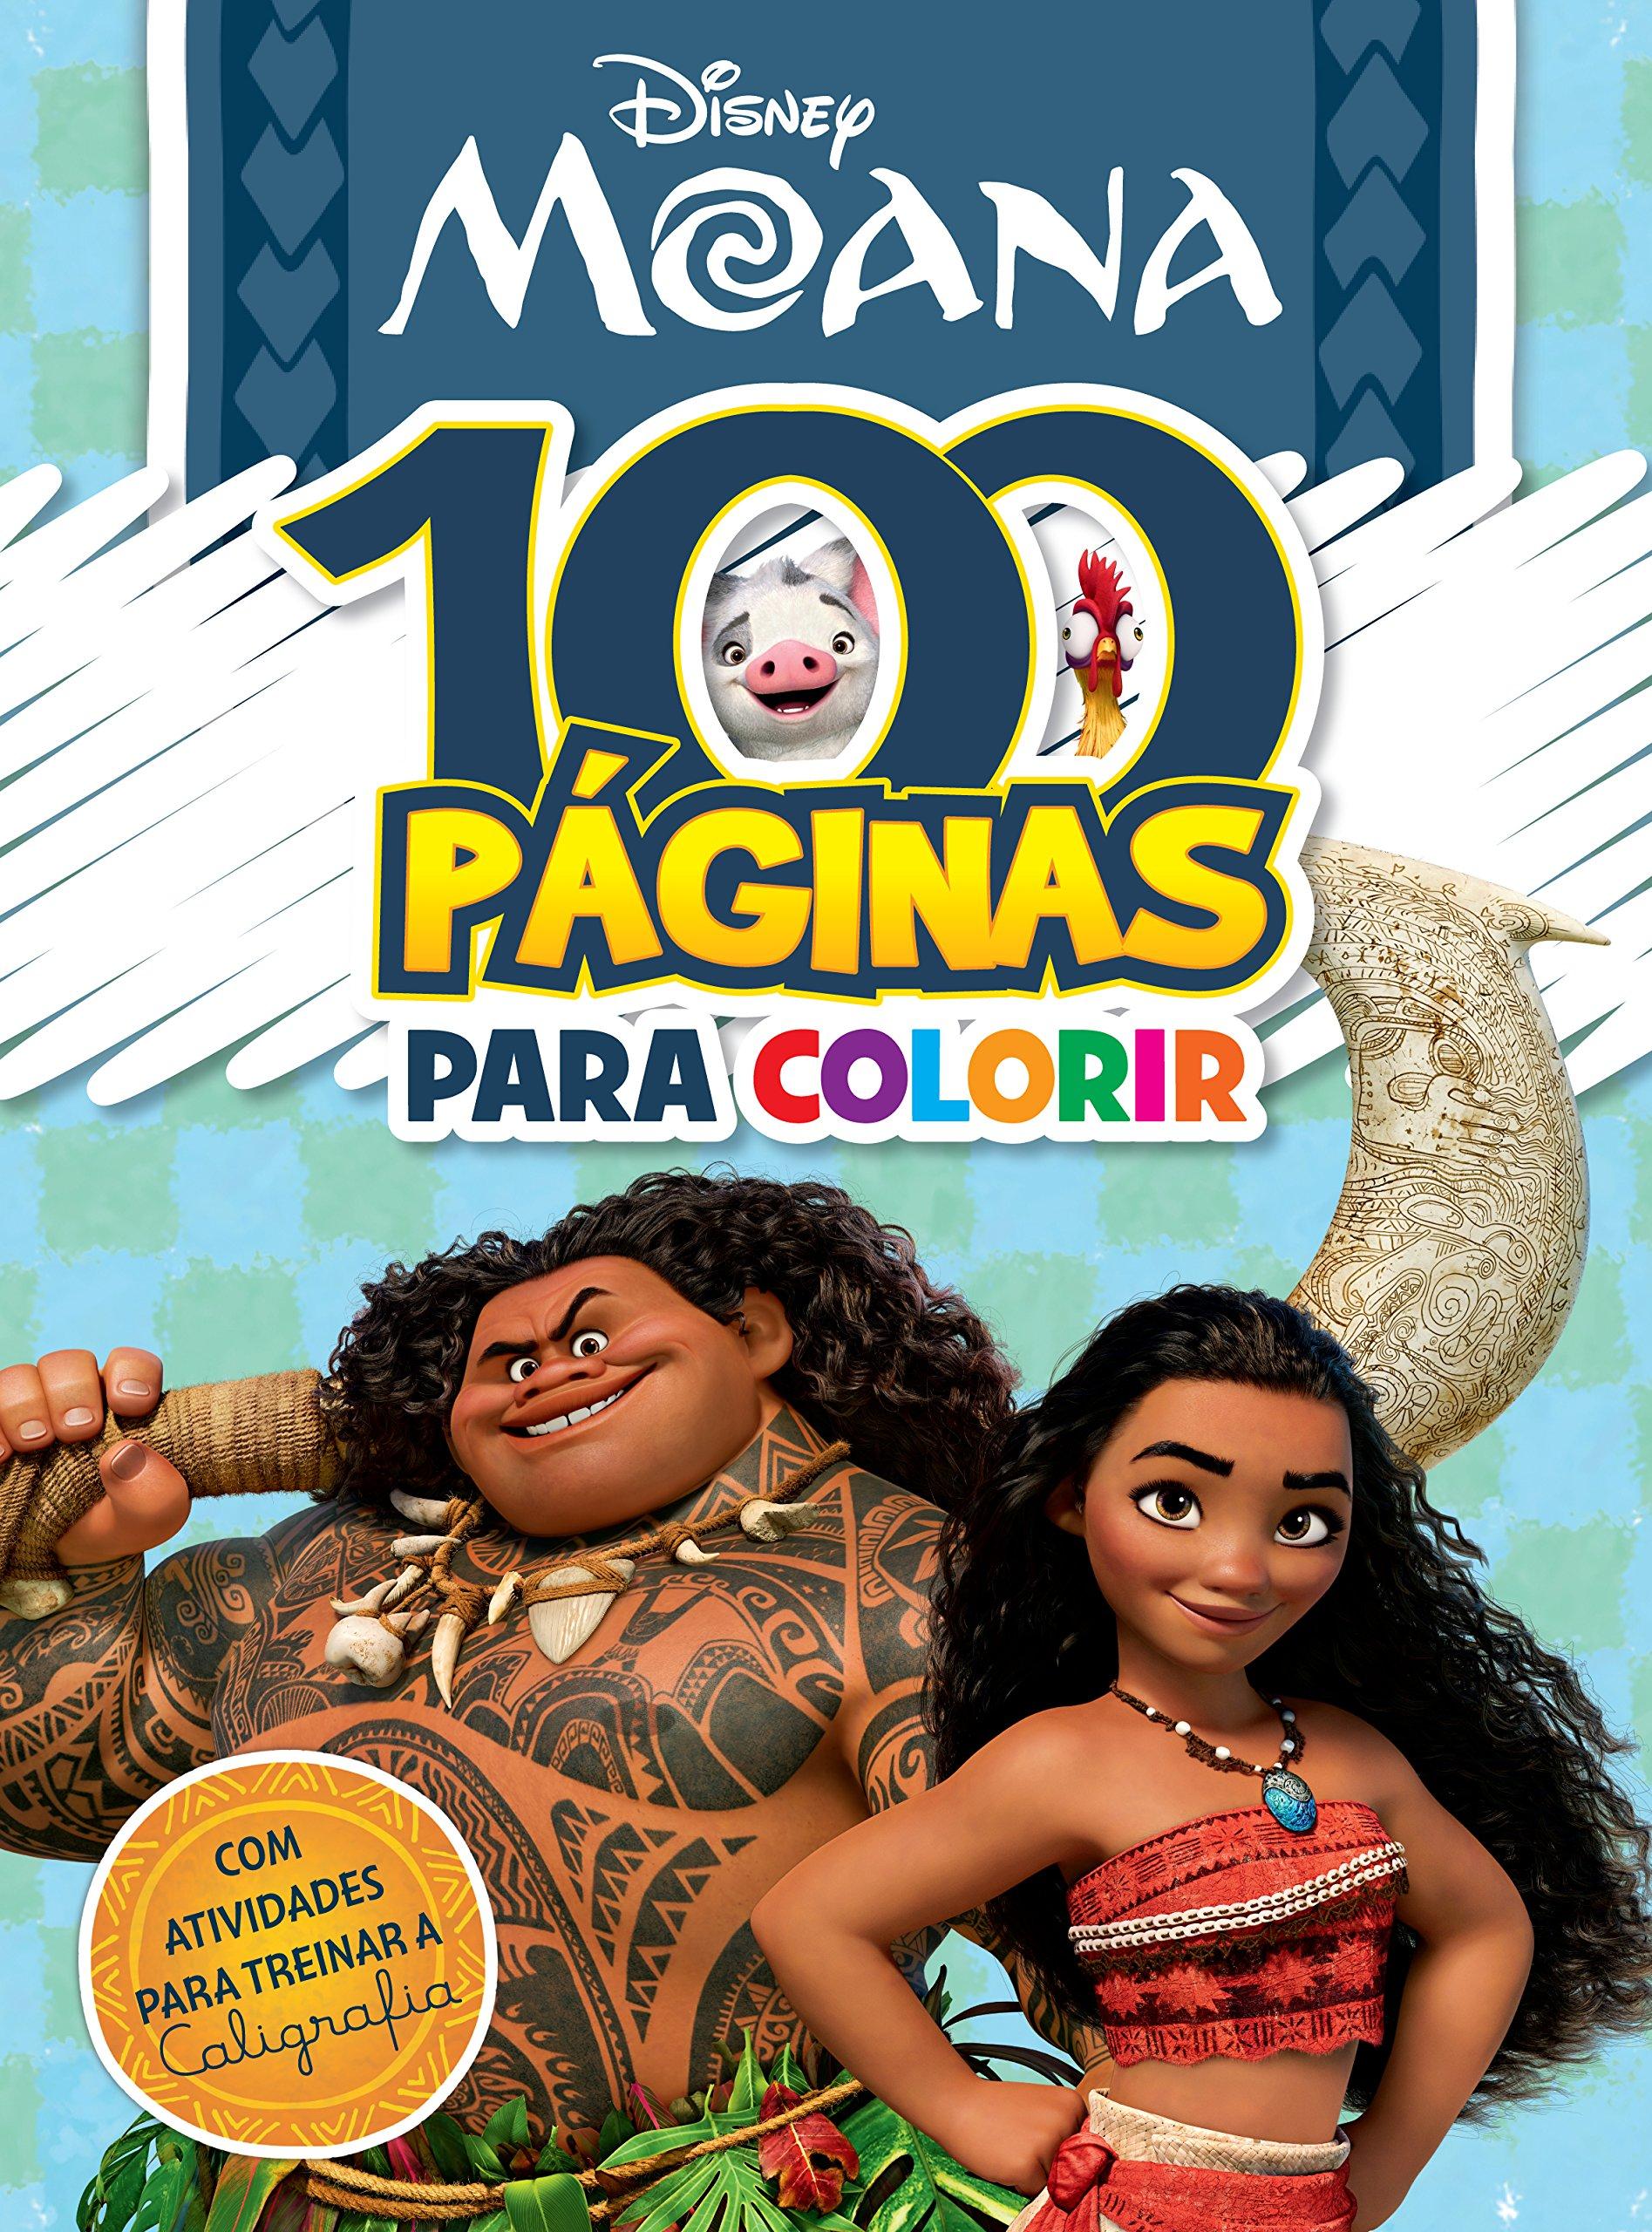 Disney 100 Paginas Colorir Moana Amazon Co Uk Varios Autores